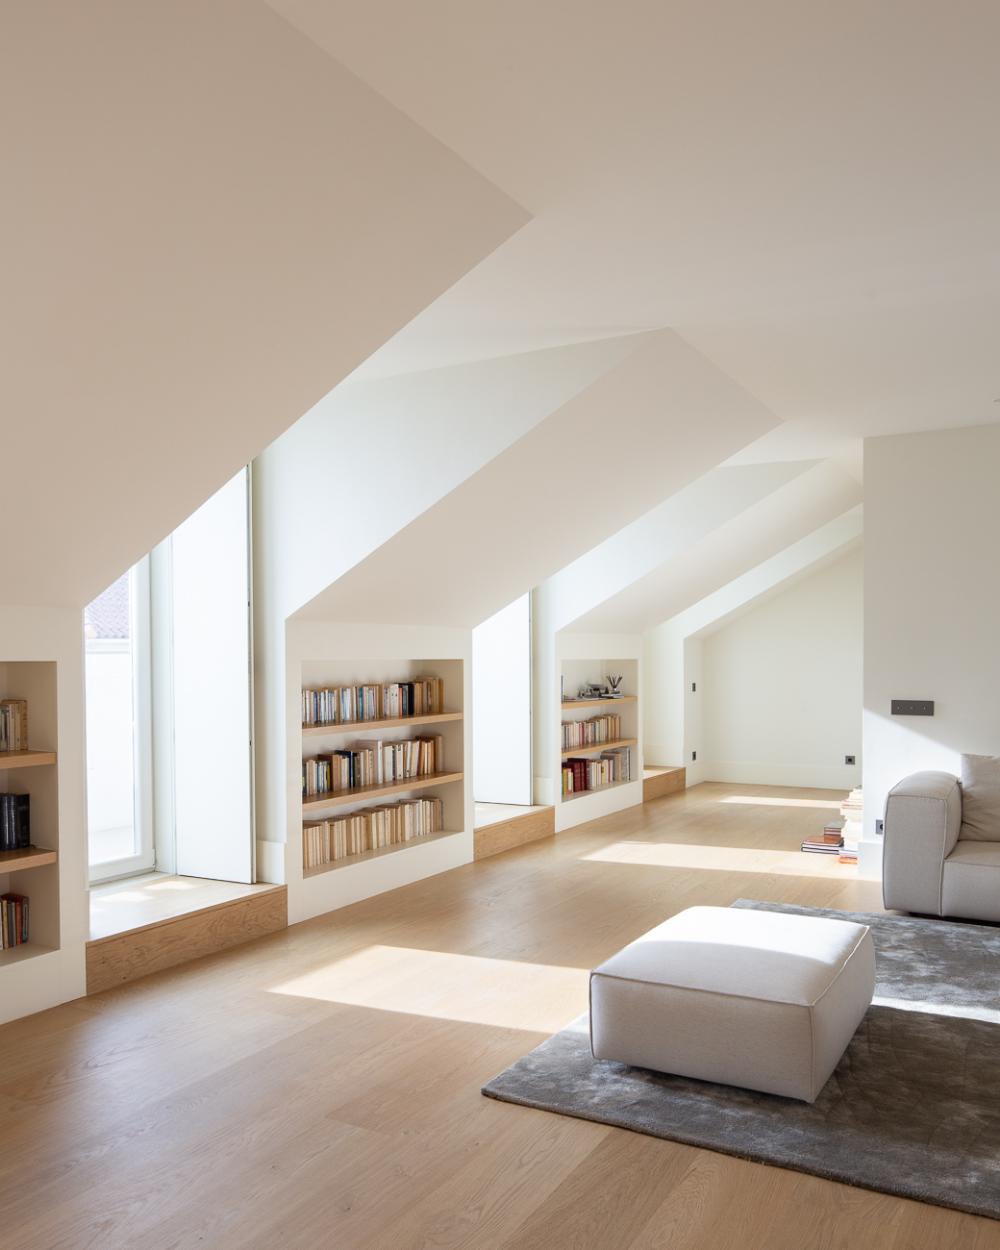 500 Ent Ideas In 2021 Design Interior House Design